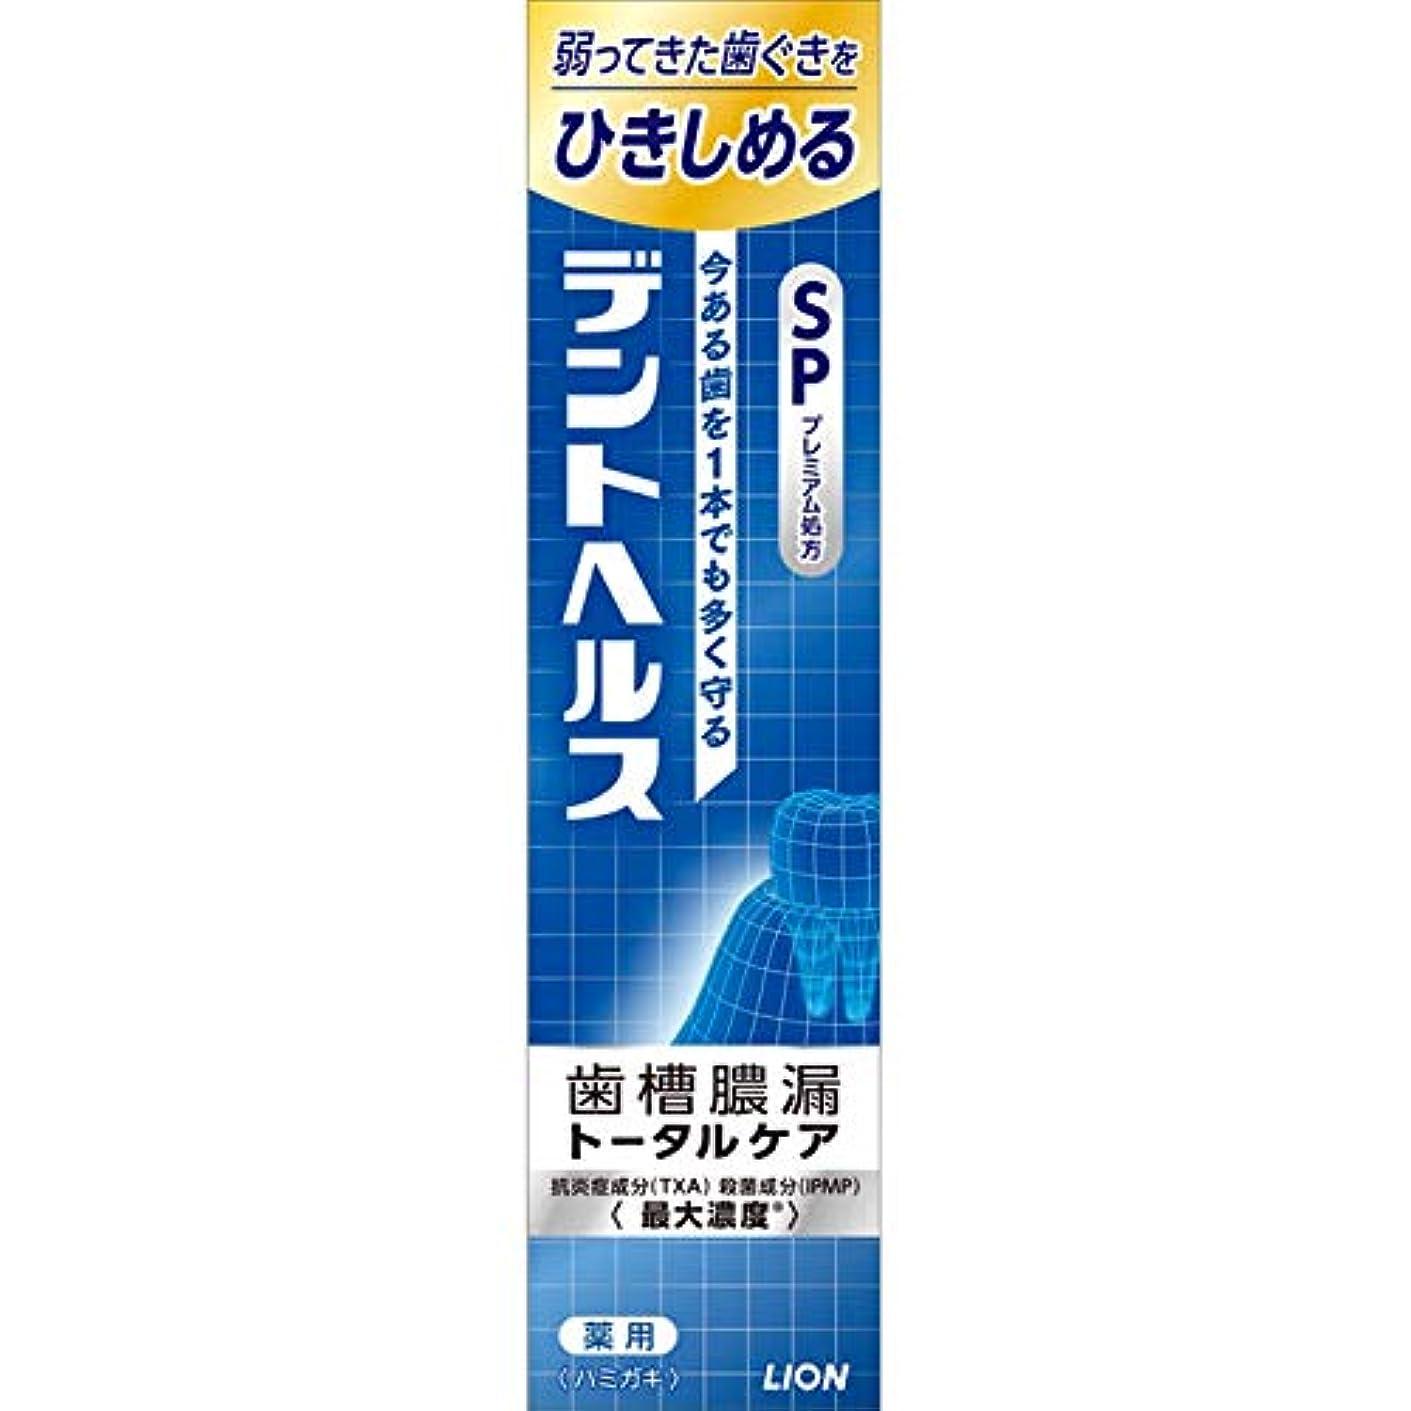 おびえたパトロール川ライオン デントヘルス 薬用ハミガキ SP 120g (医薬部外品)